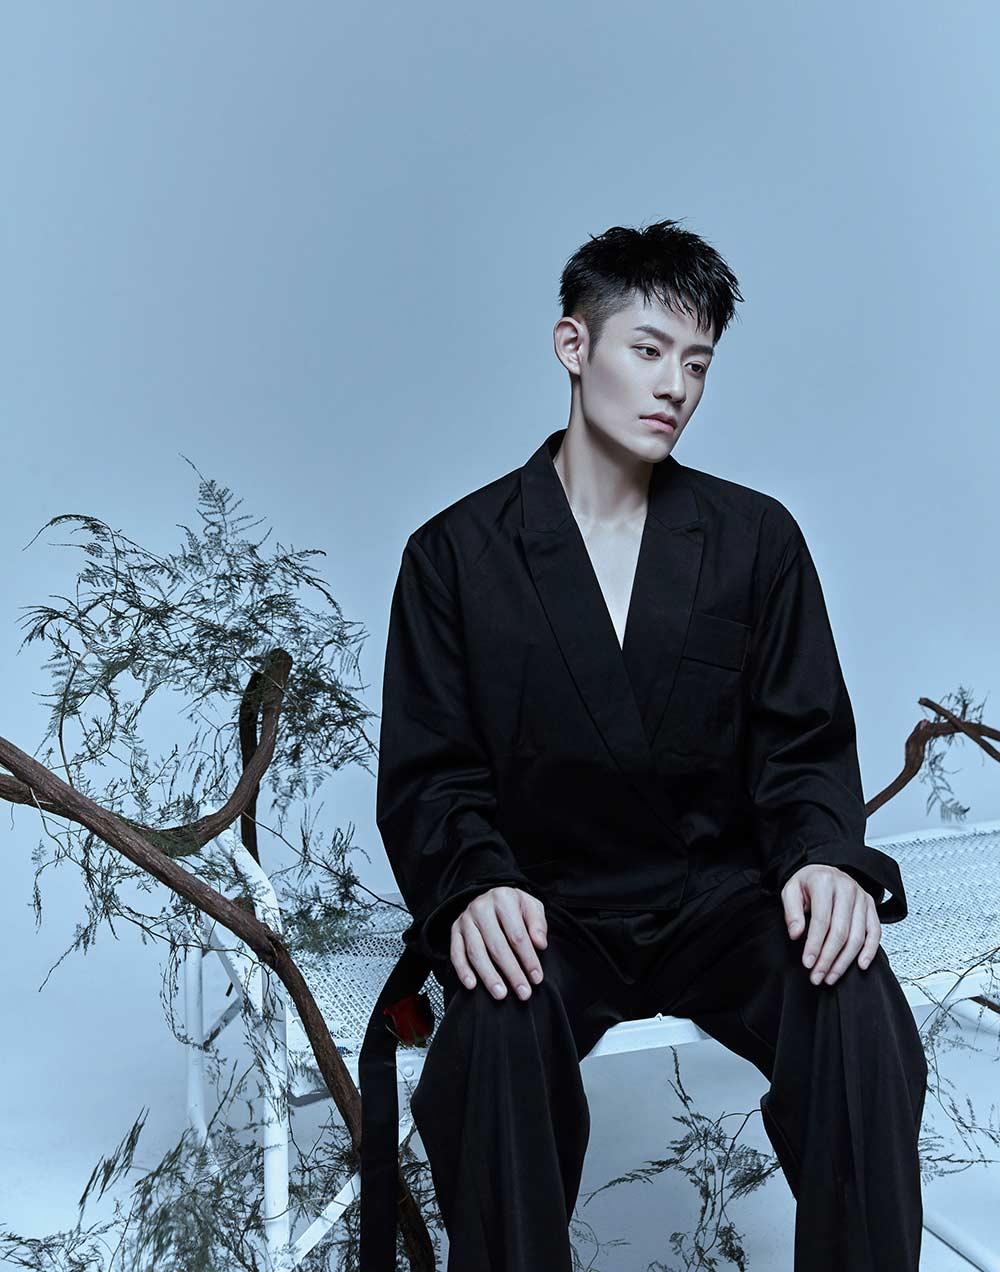 彭楚粤原创EP主打单曲《极度舒适》上线 浪漫诠释舒适律动